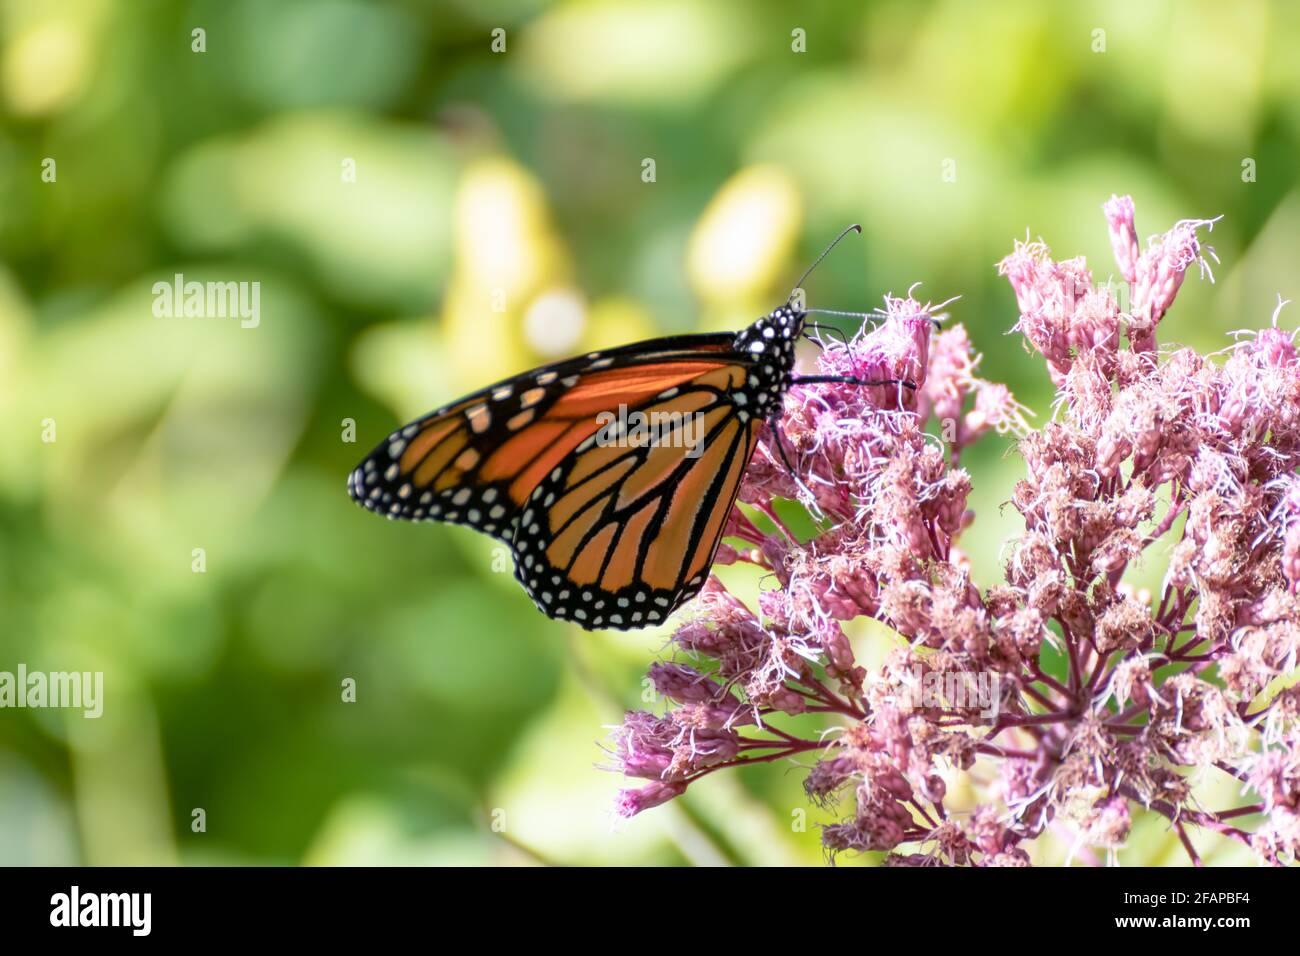 Mariposa monarca (Danaus plexippus) alimentándose sobre una flor rosa en un jardín, con un fondo verde borroso Foto de stock